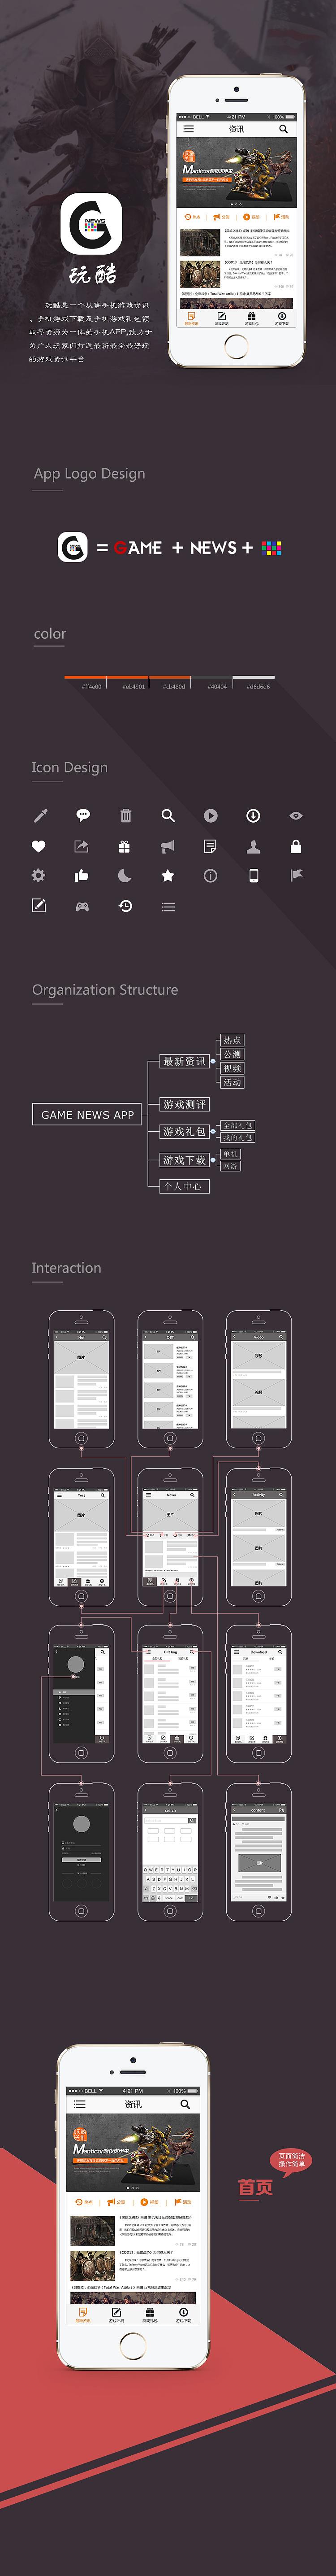 游戏资讯_游戏资讯APP|UI|APP界面|小柒君 - 原创作品 - 站酷 (ZCOOL)